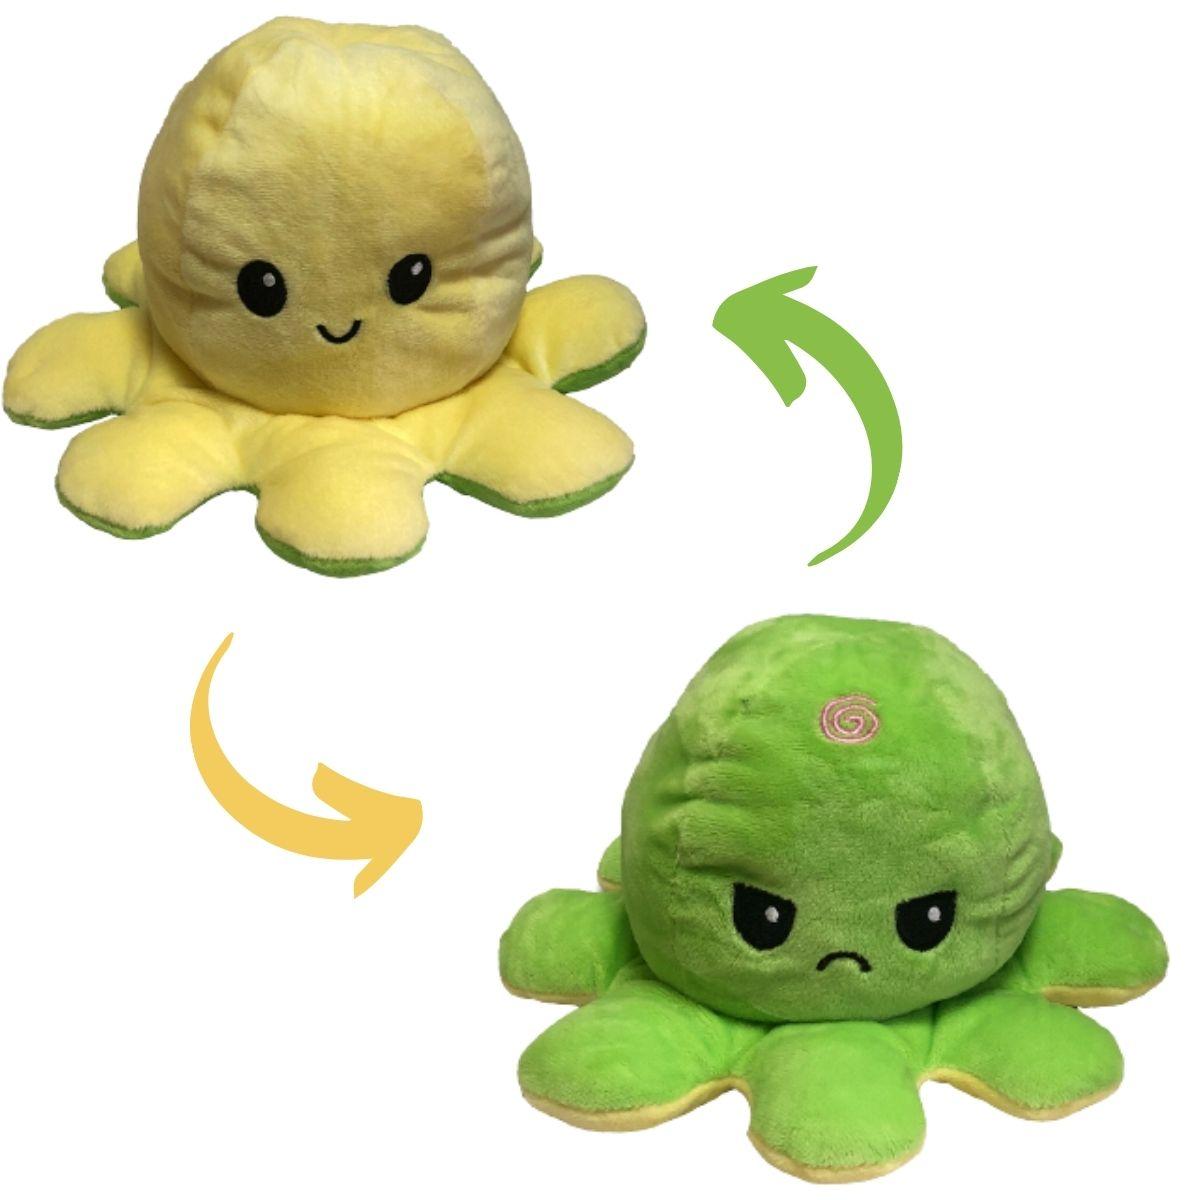 Polvo do Humor Reversível de Pelúcia para Crianças 23x15cm Amarelo e Verde